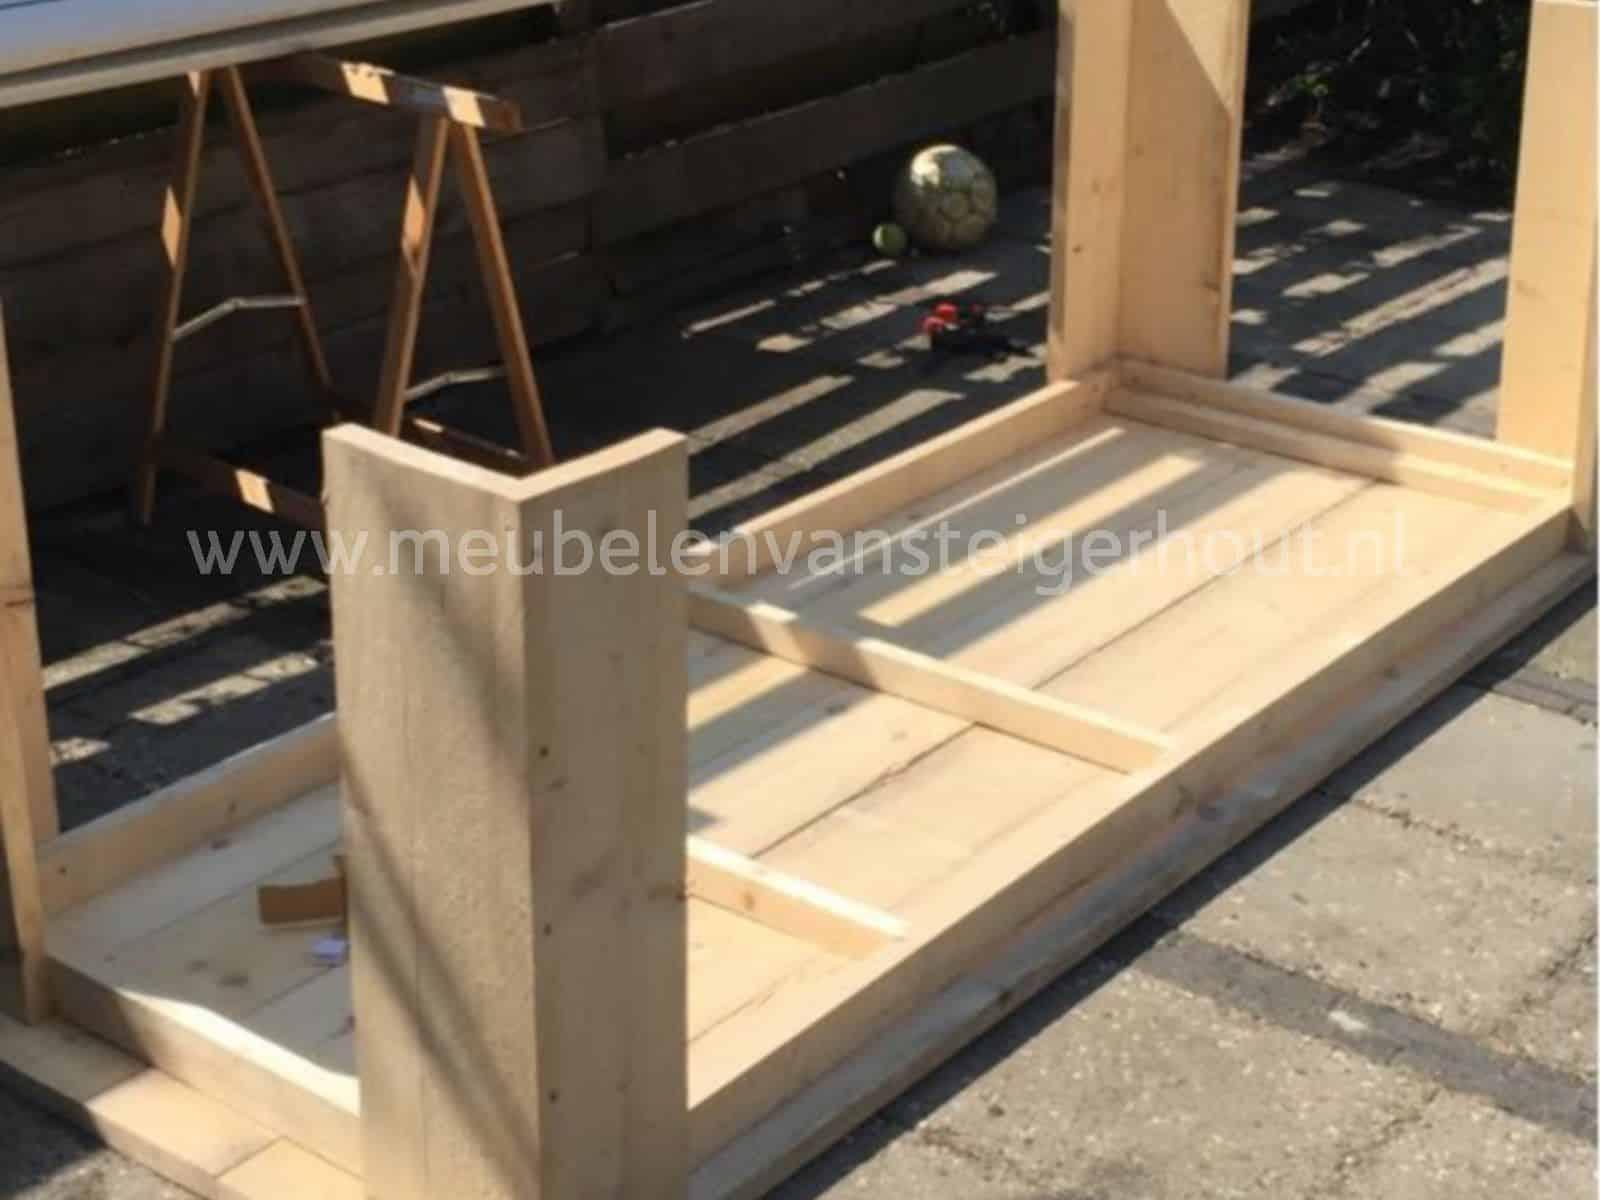 Steigerhouten Tafel Maken : Doe het zelf tafel cm breed meubelen van steigerhout